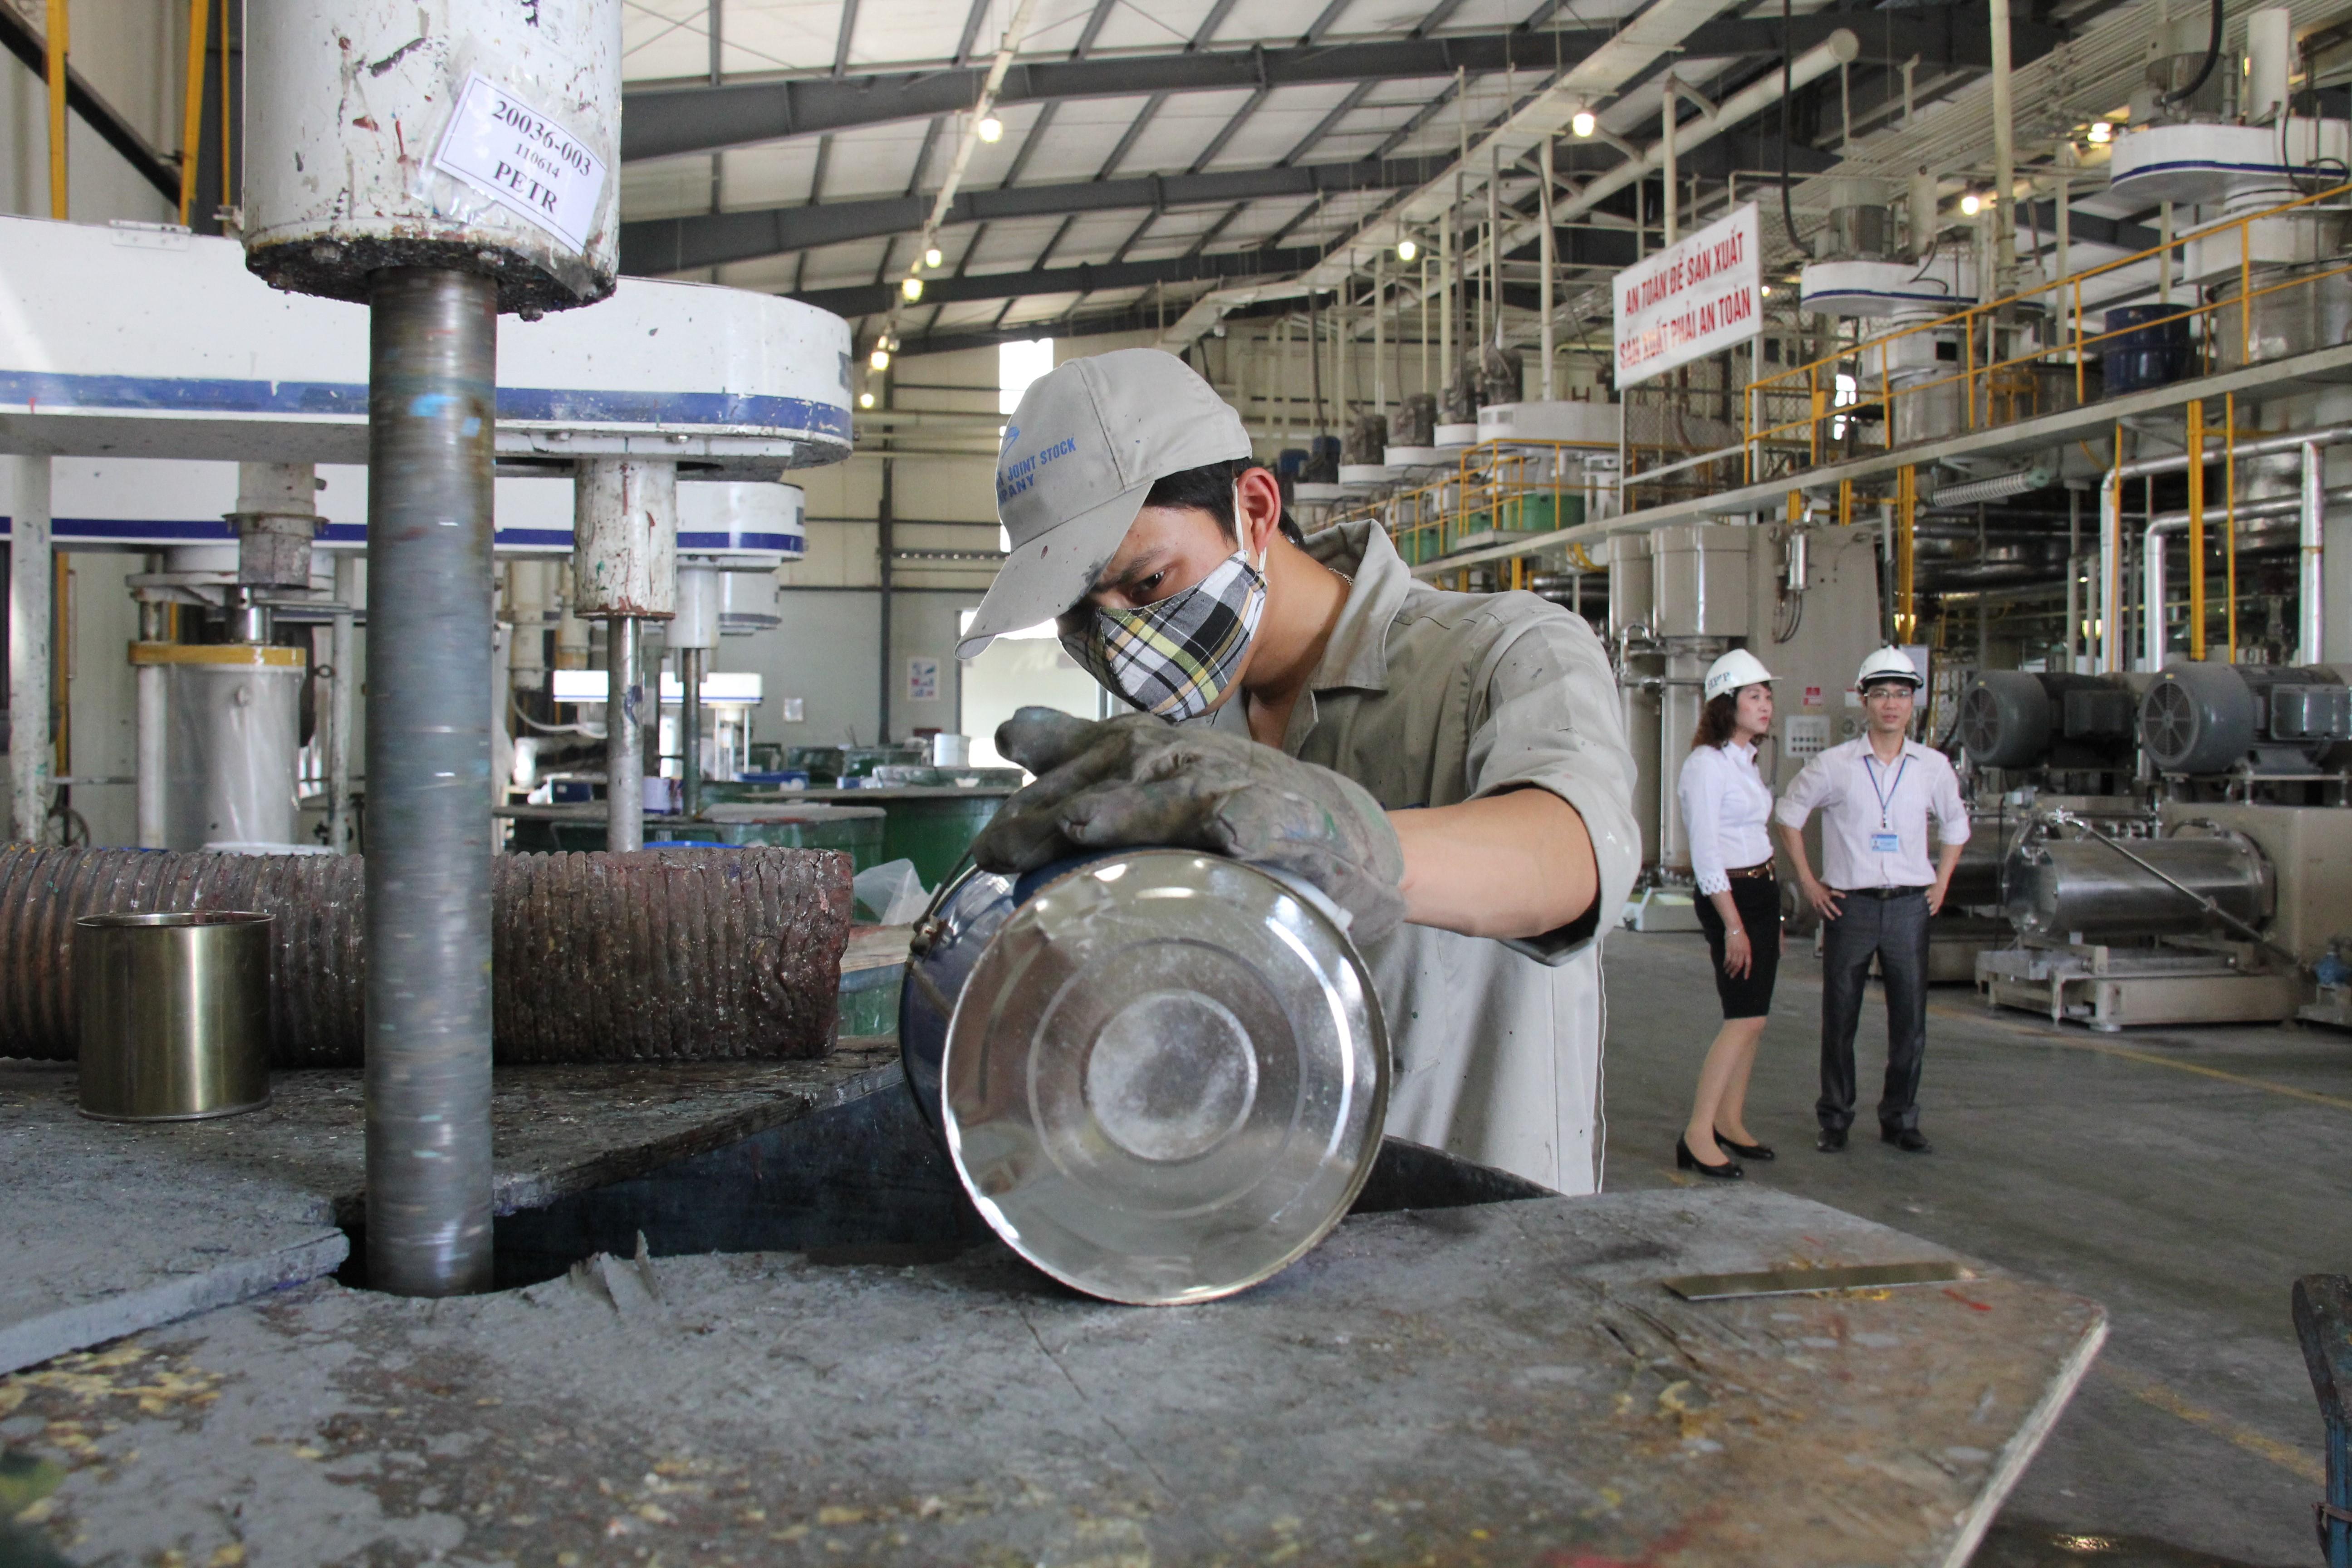 Mies tekee korjaustöitä Vietnamissa.